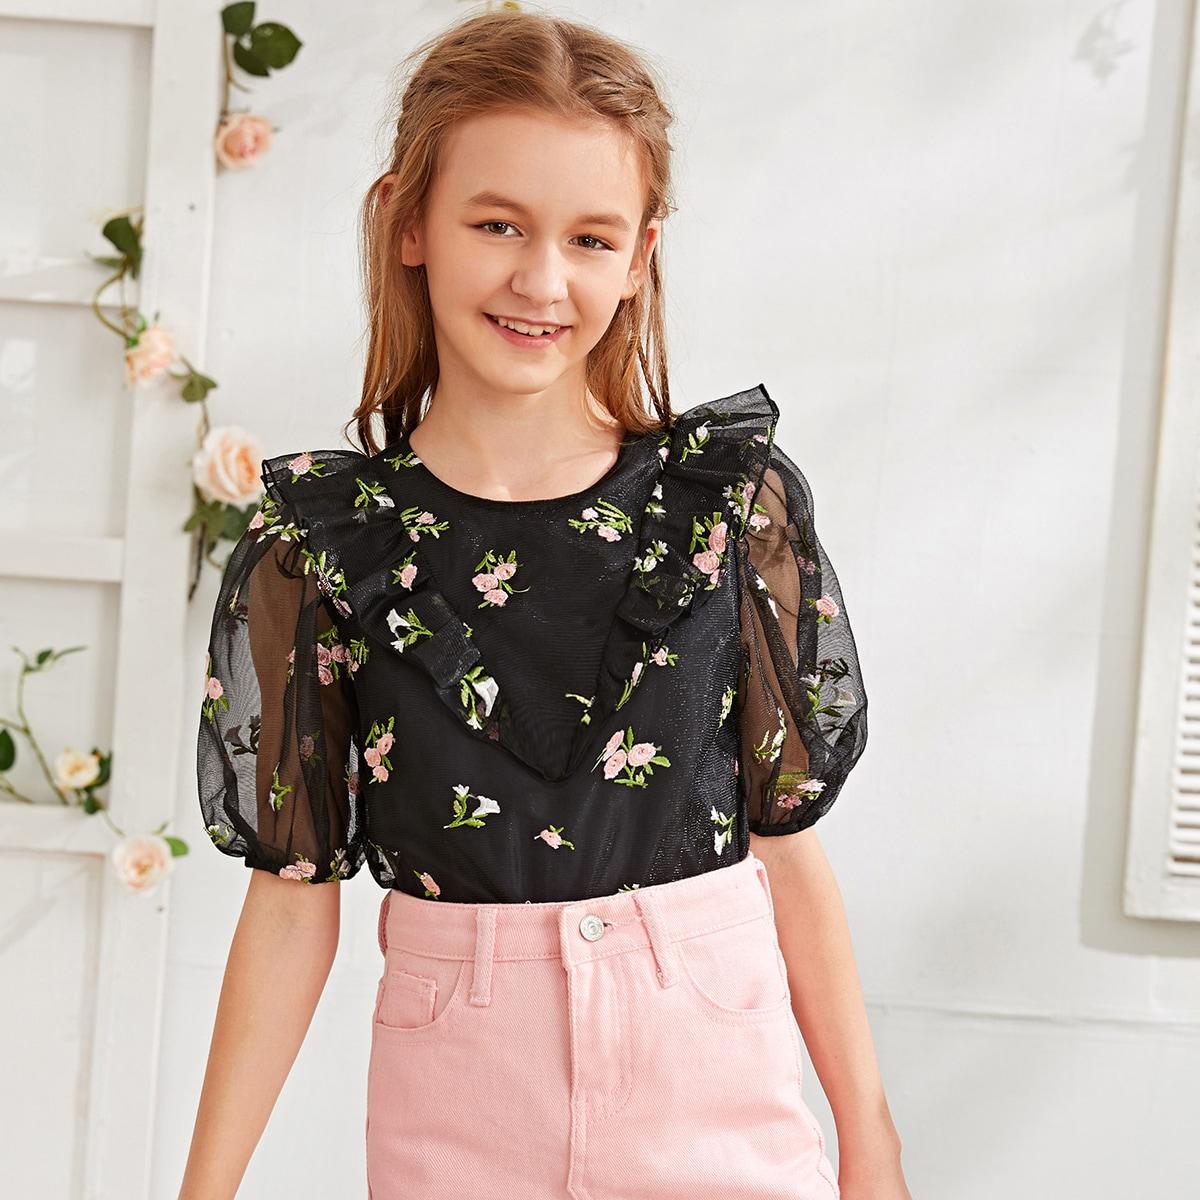 Сетчатый топ с цветочной вышивкой, пышным рукавом и оборками для девочек фото